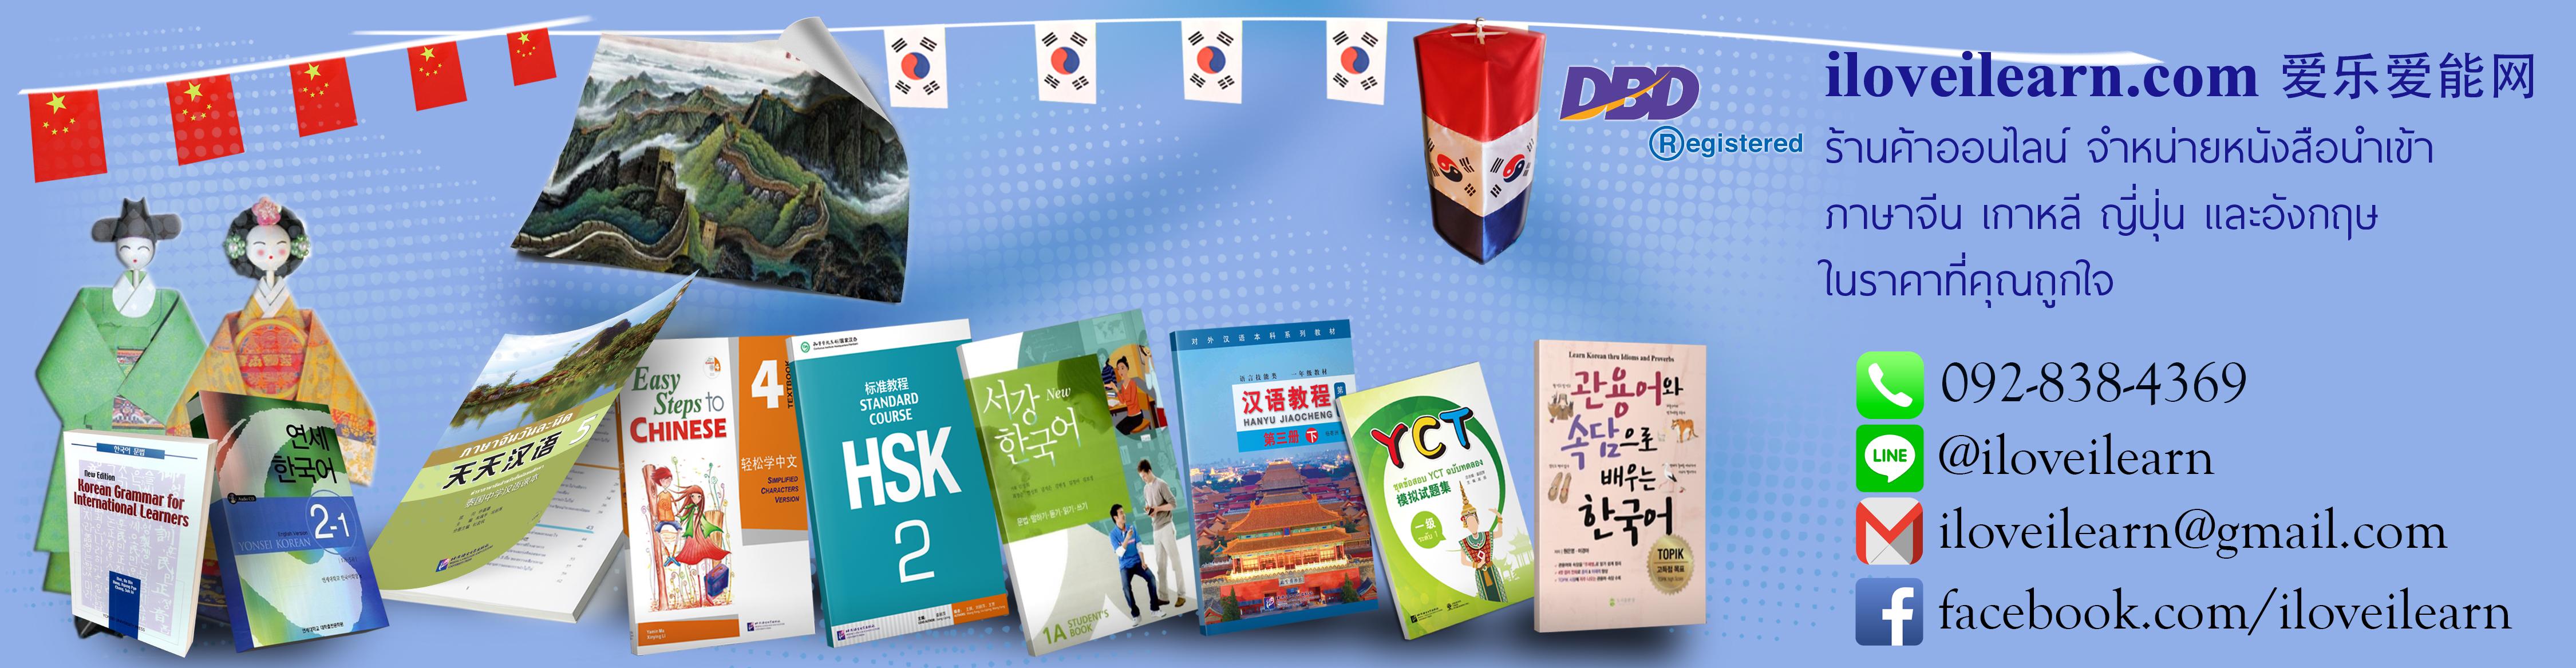 ร้าน I Love I Learn จำหน่าย หนังสือเรียนนำเข้าจากจีนและเกาหลี